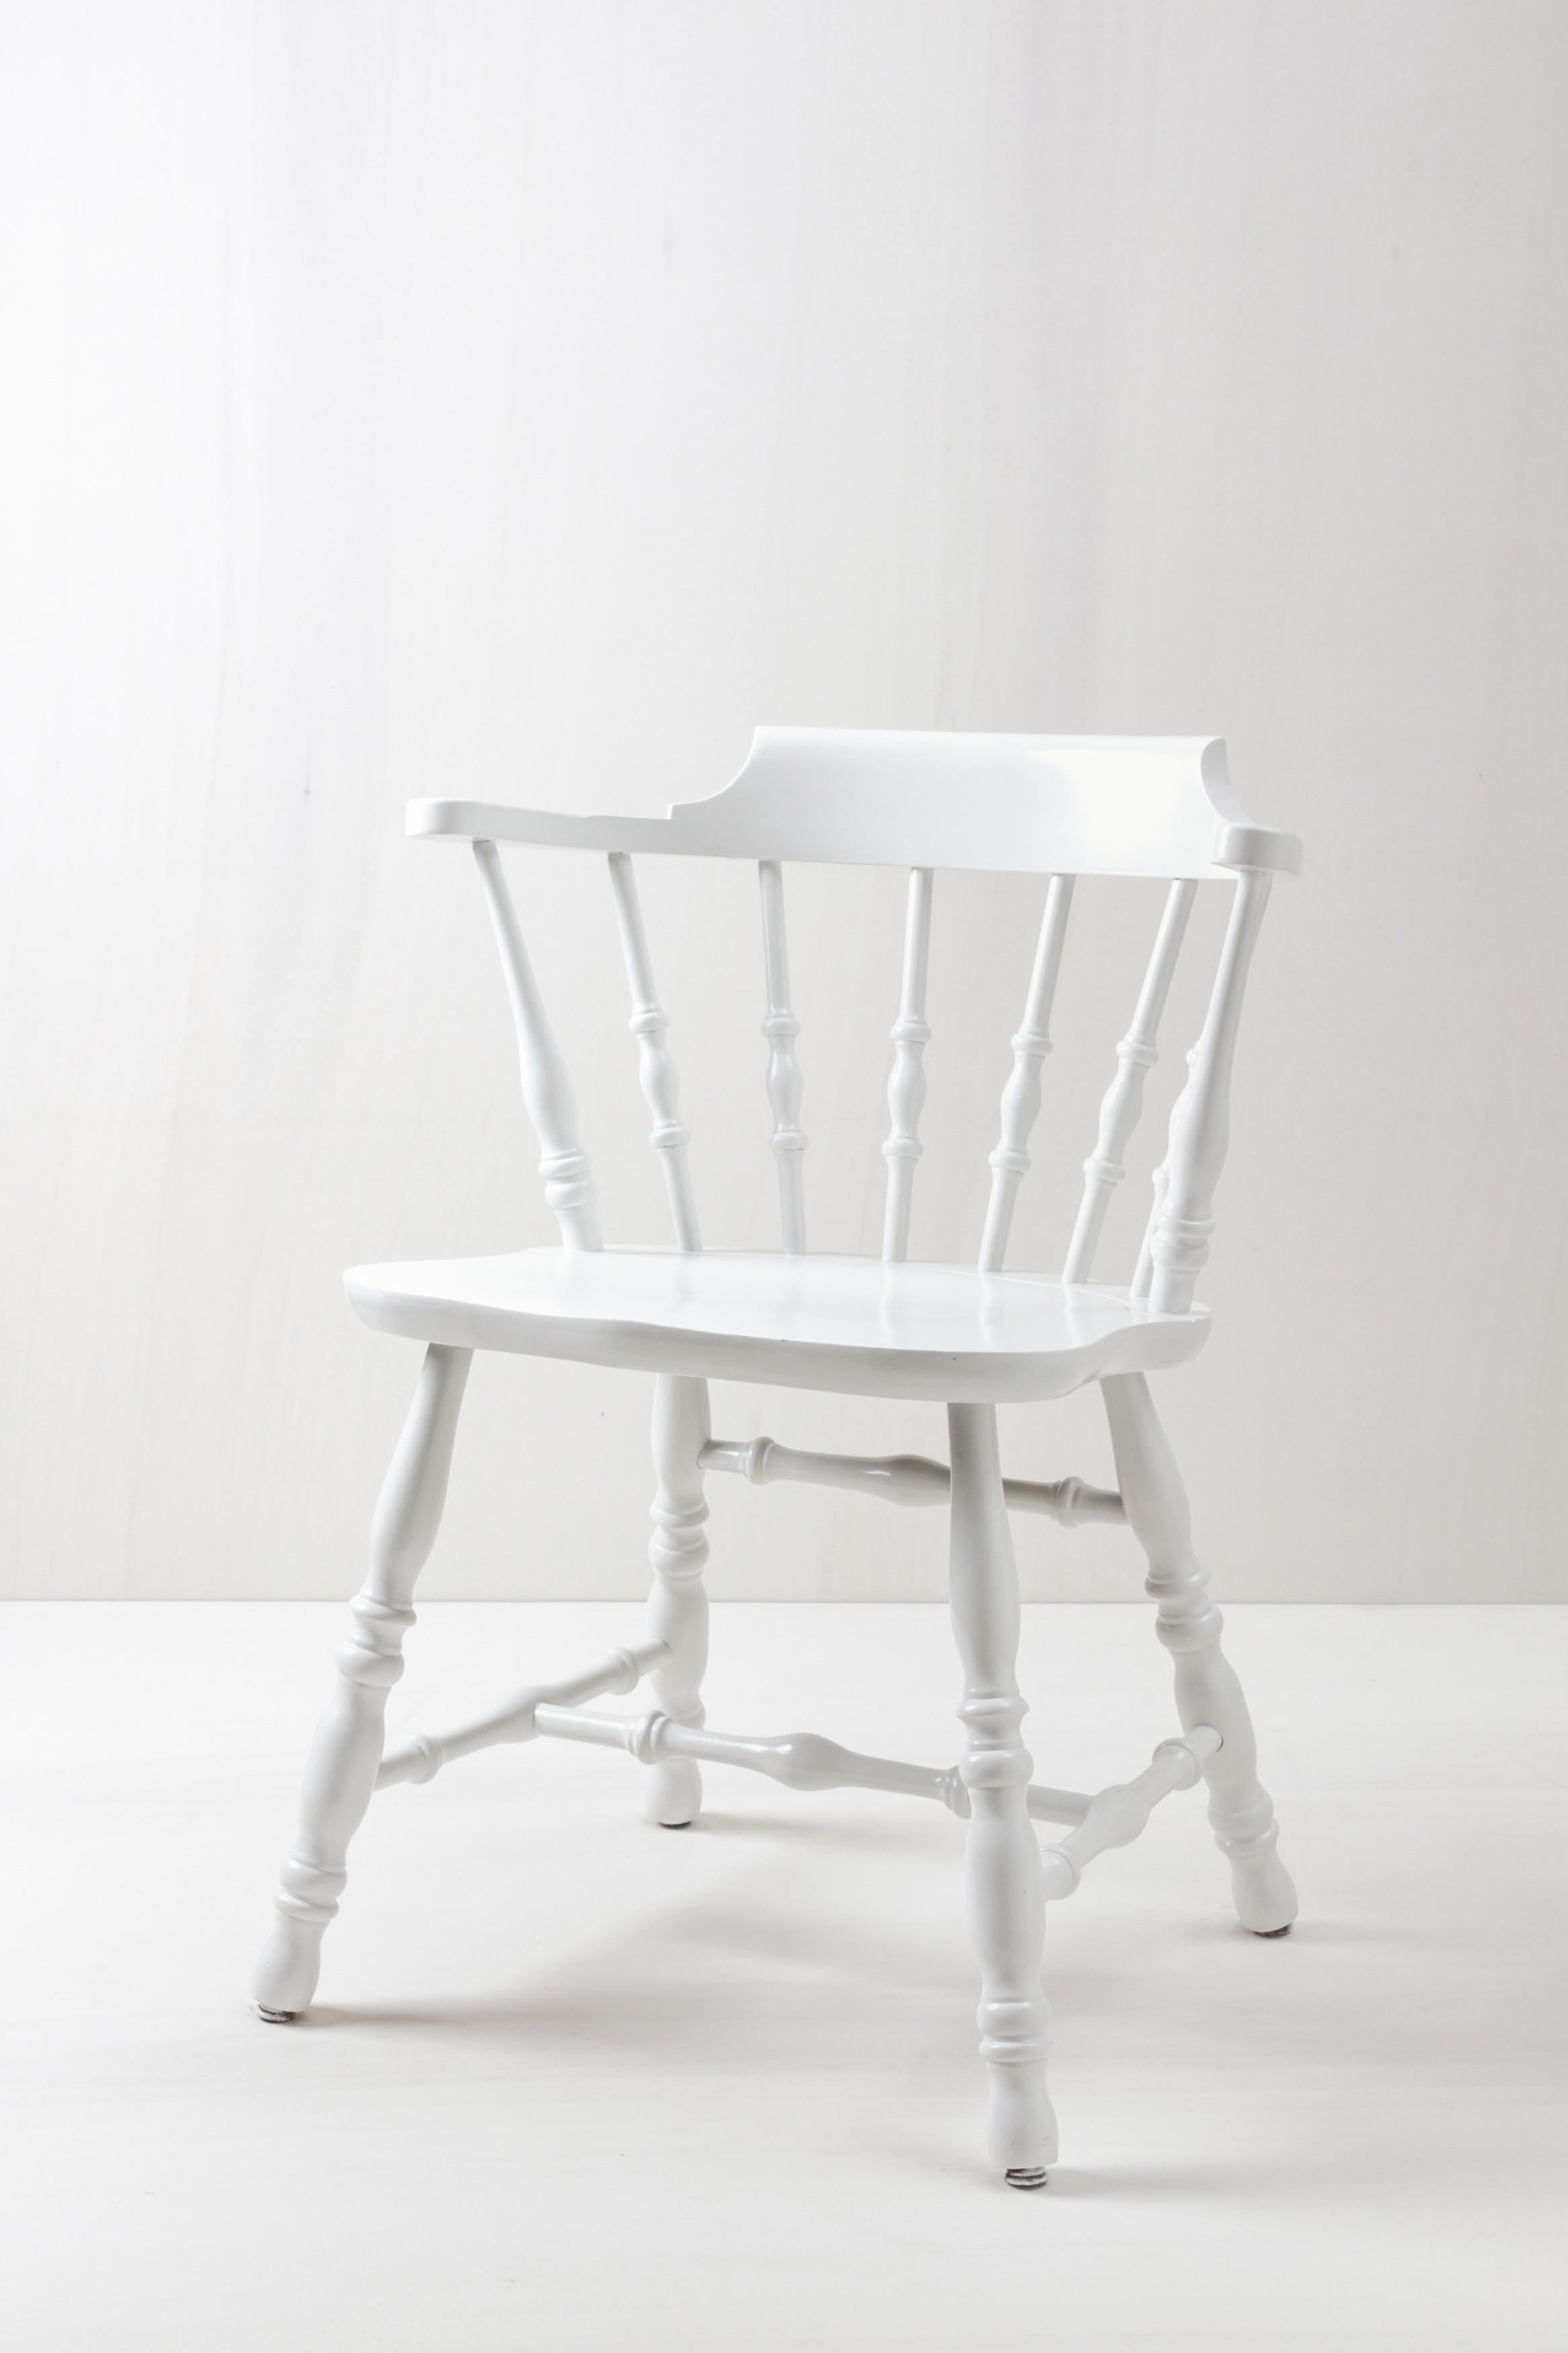 Bestuhlung von Events und Hochzeiten, weiße Holzstühle mieten